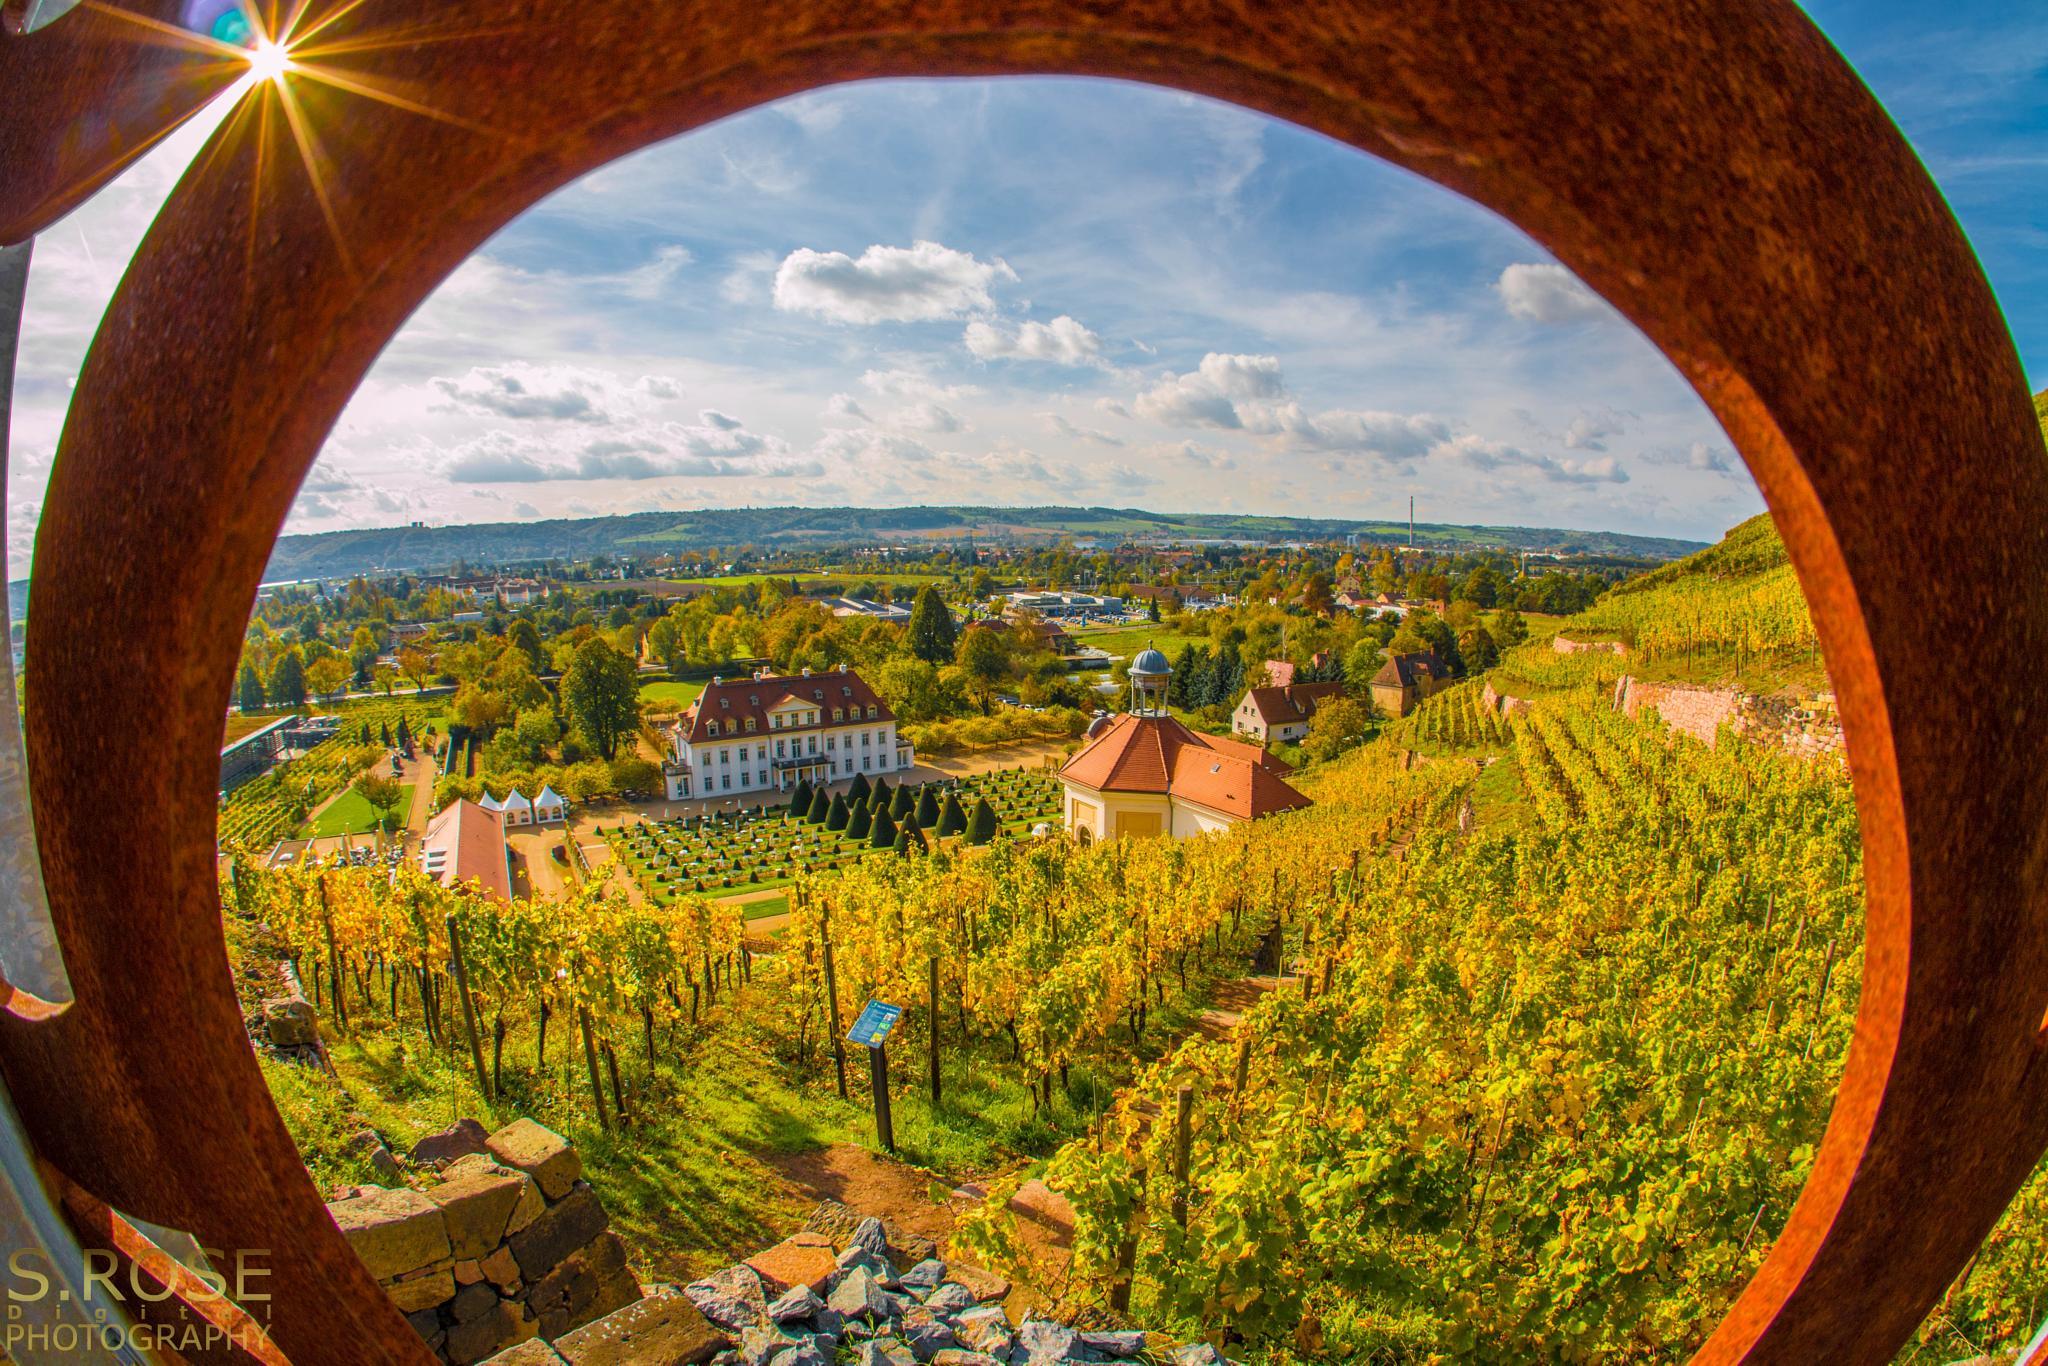 Autumn - Schloss Weingut Wackerbarth by S.Rose Fotografie